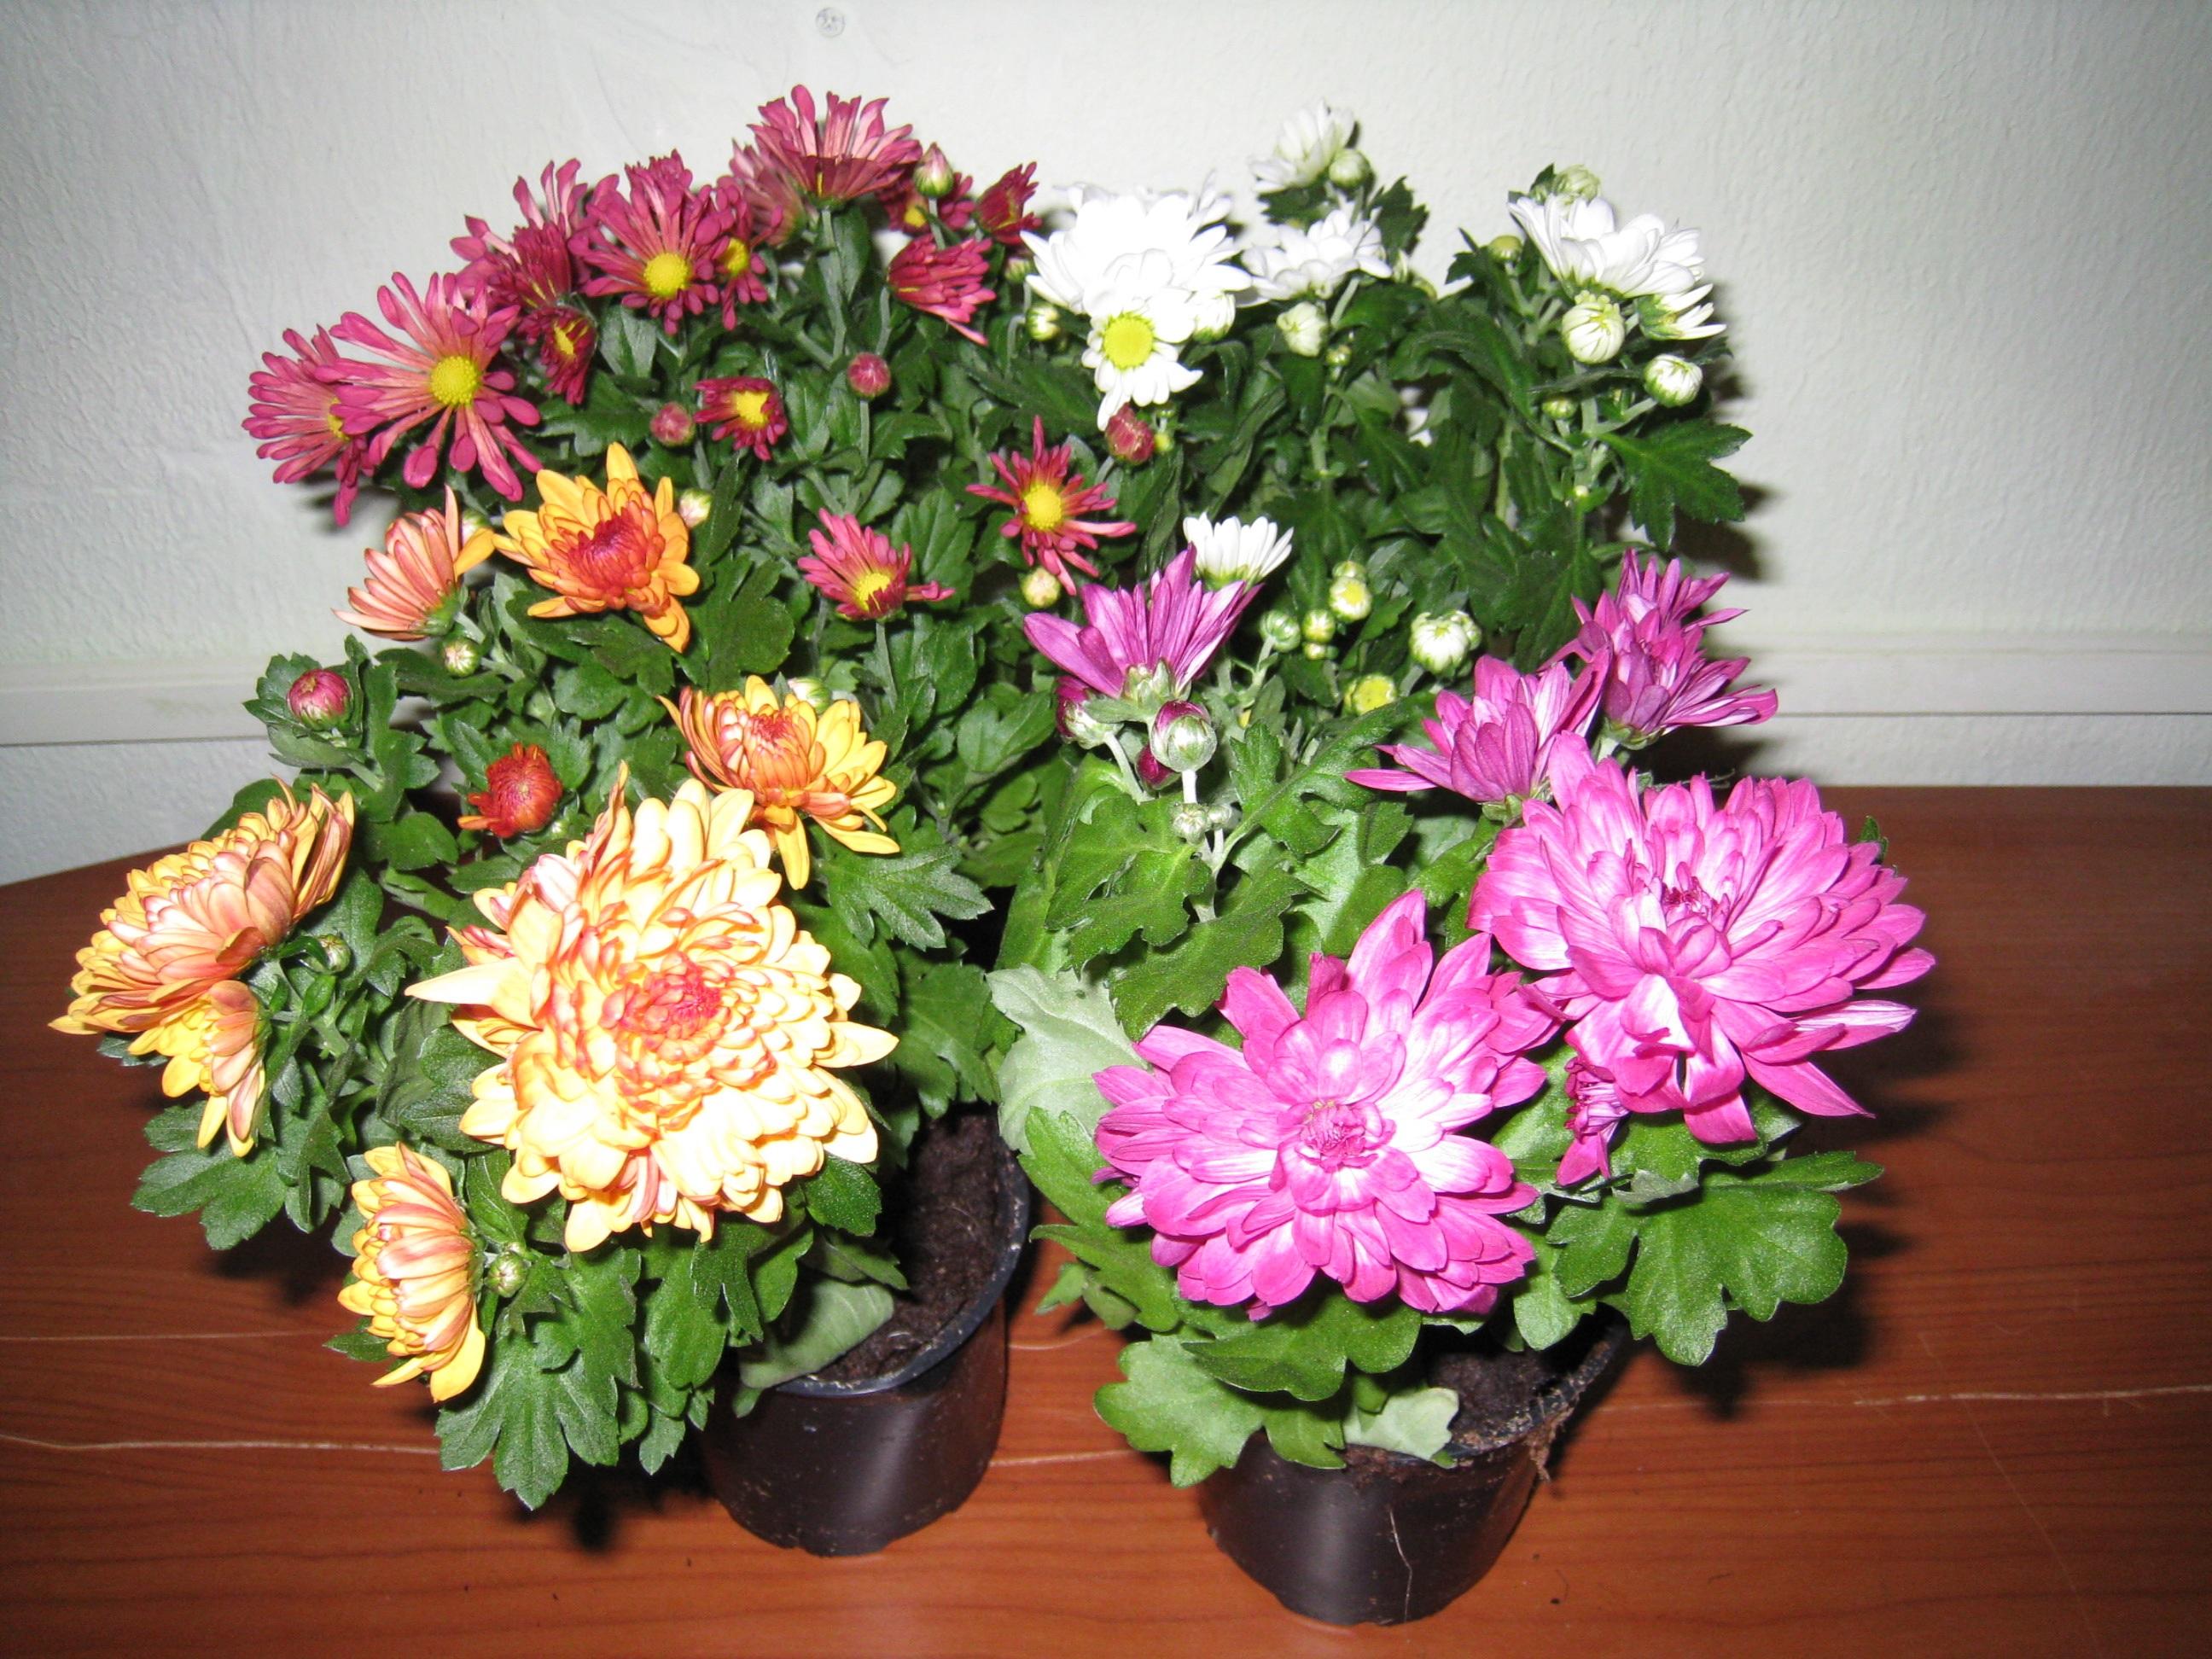 Хризантема. Уход за цветком в домашних условиях, фото